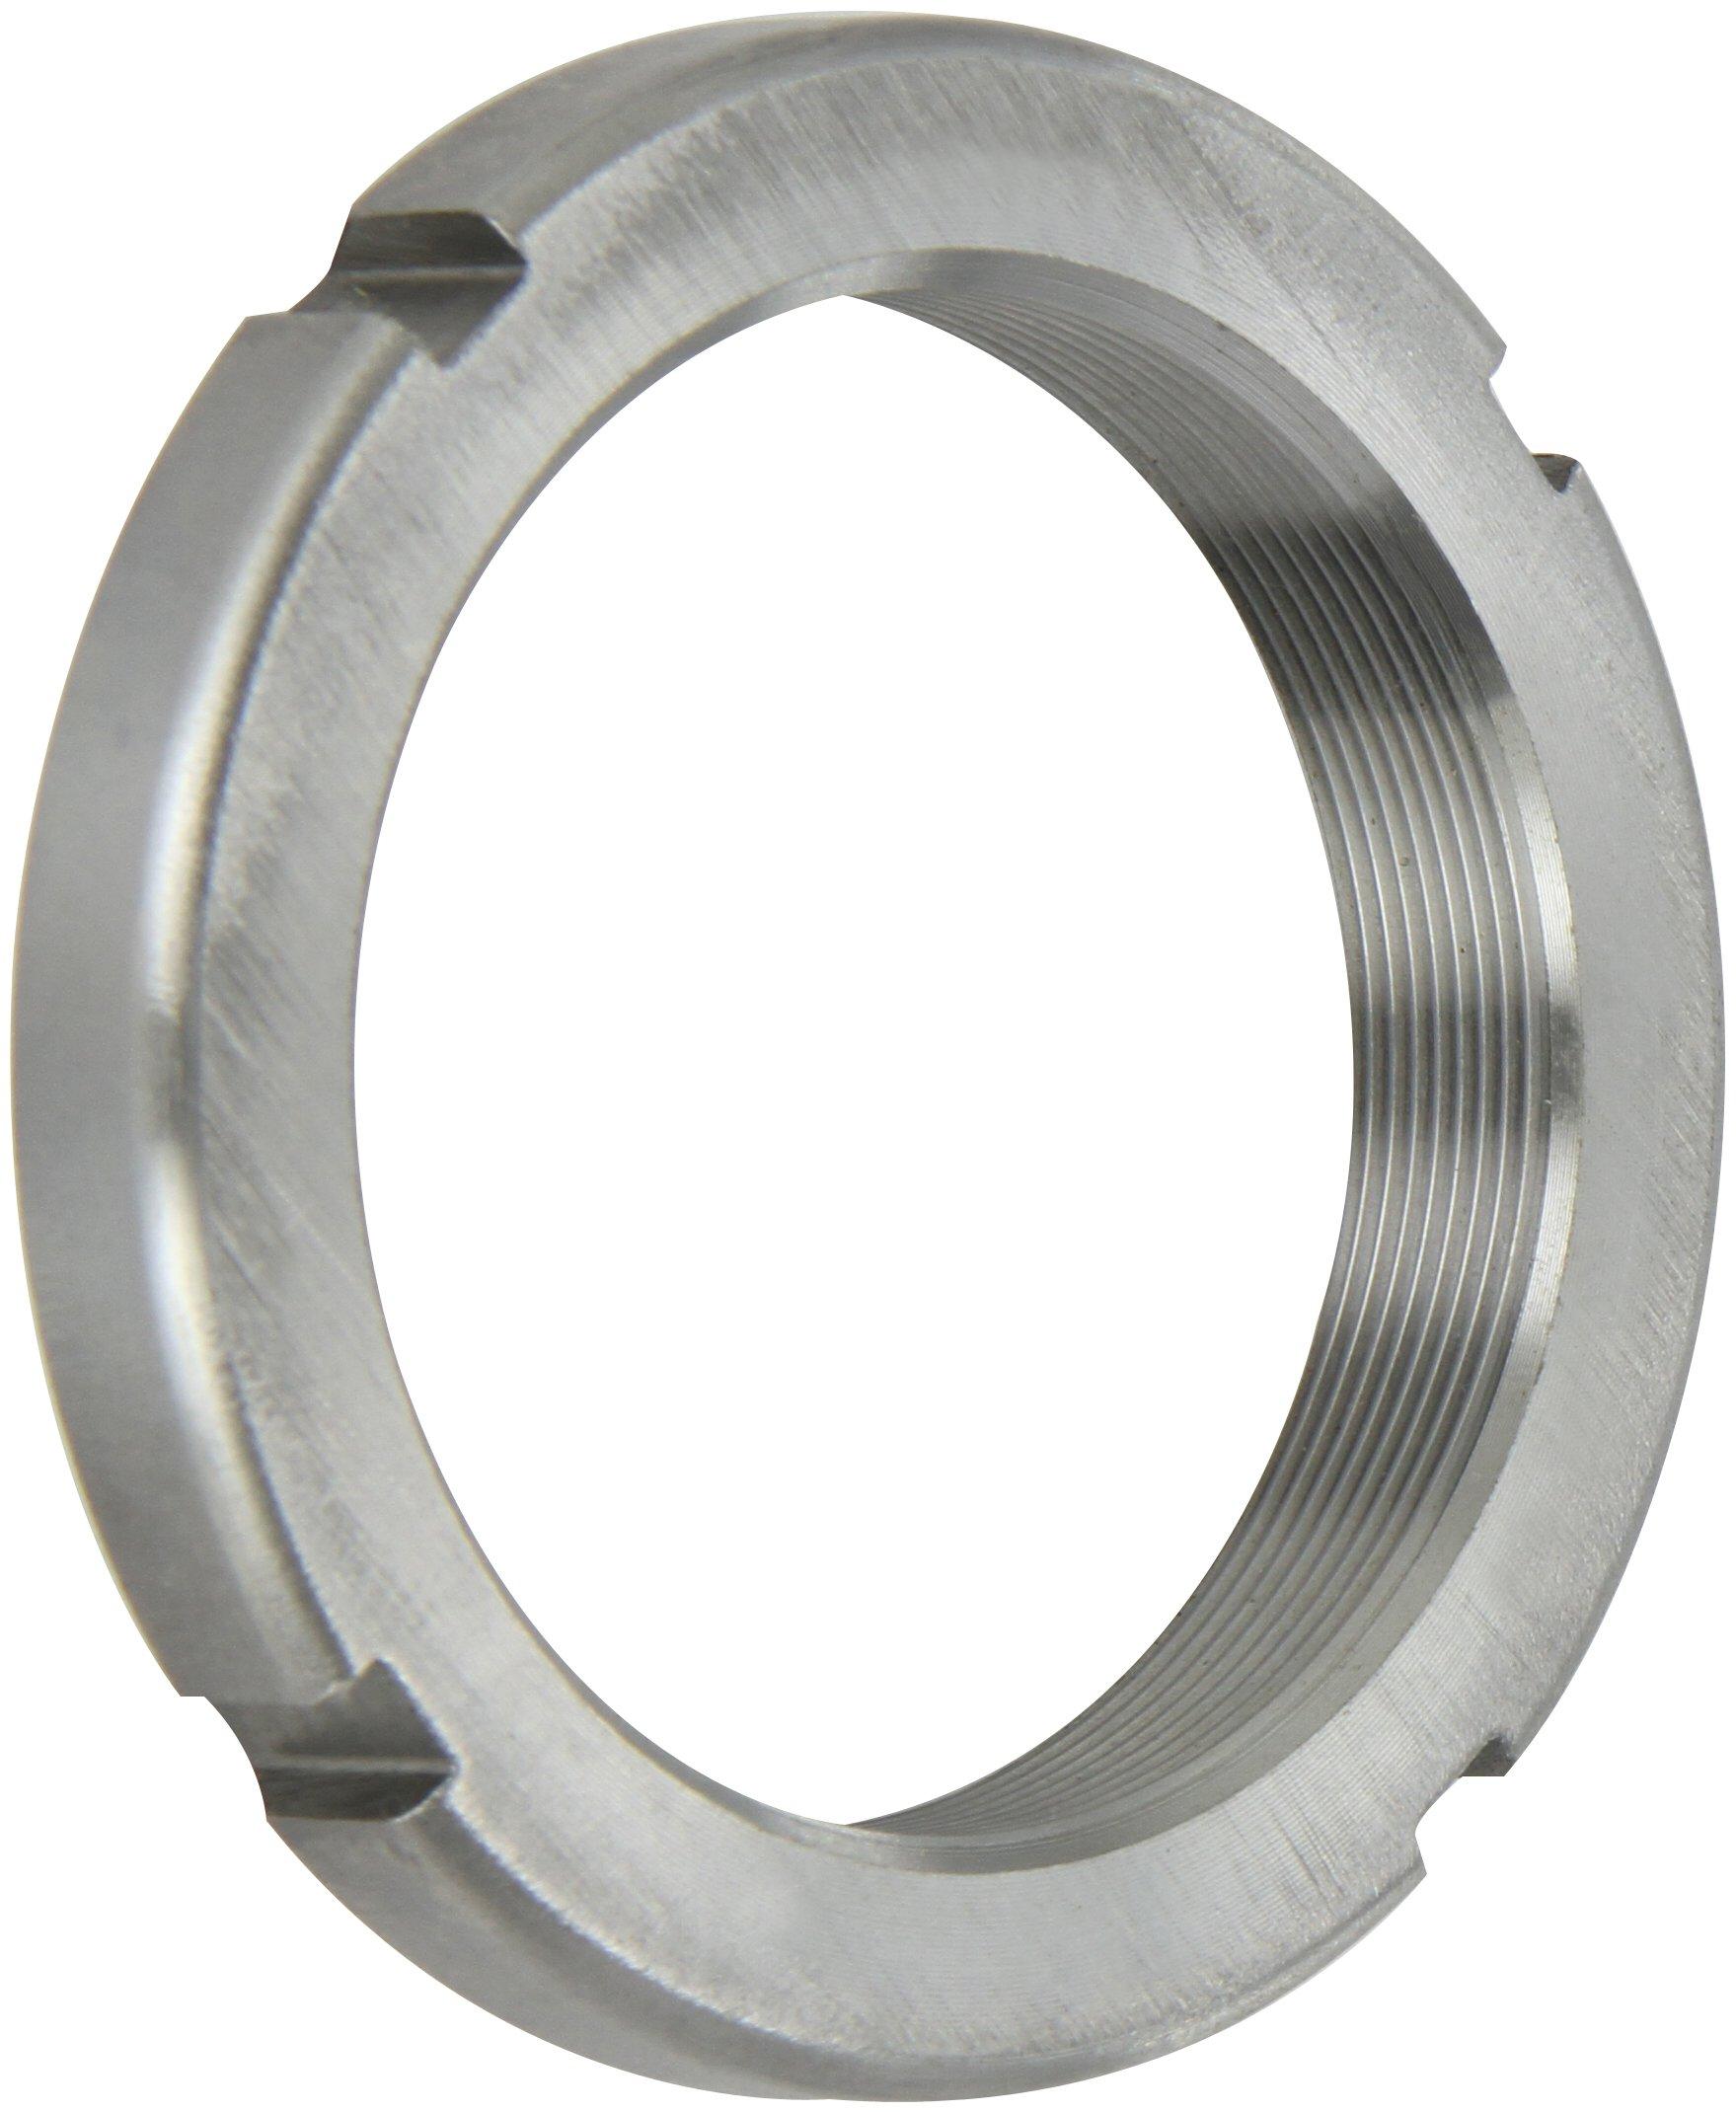 SKF N 13 Locknut, Right Hand, Steel, M65 Thread, 18 Threads per Inch by SKF